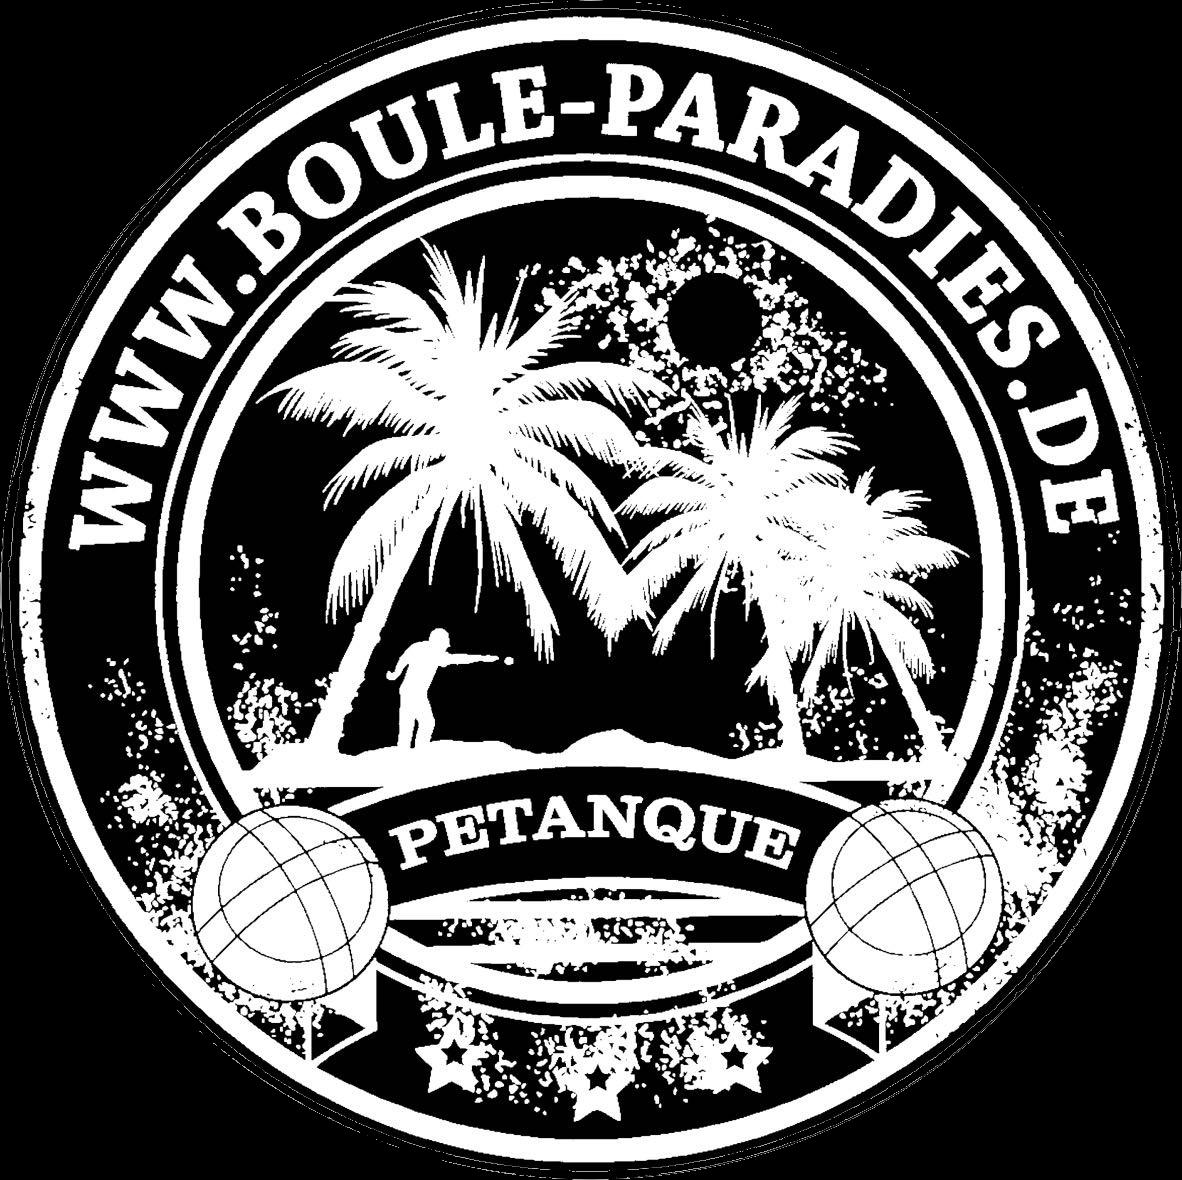 Boule-Paradies